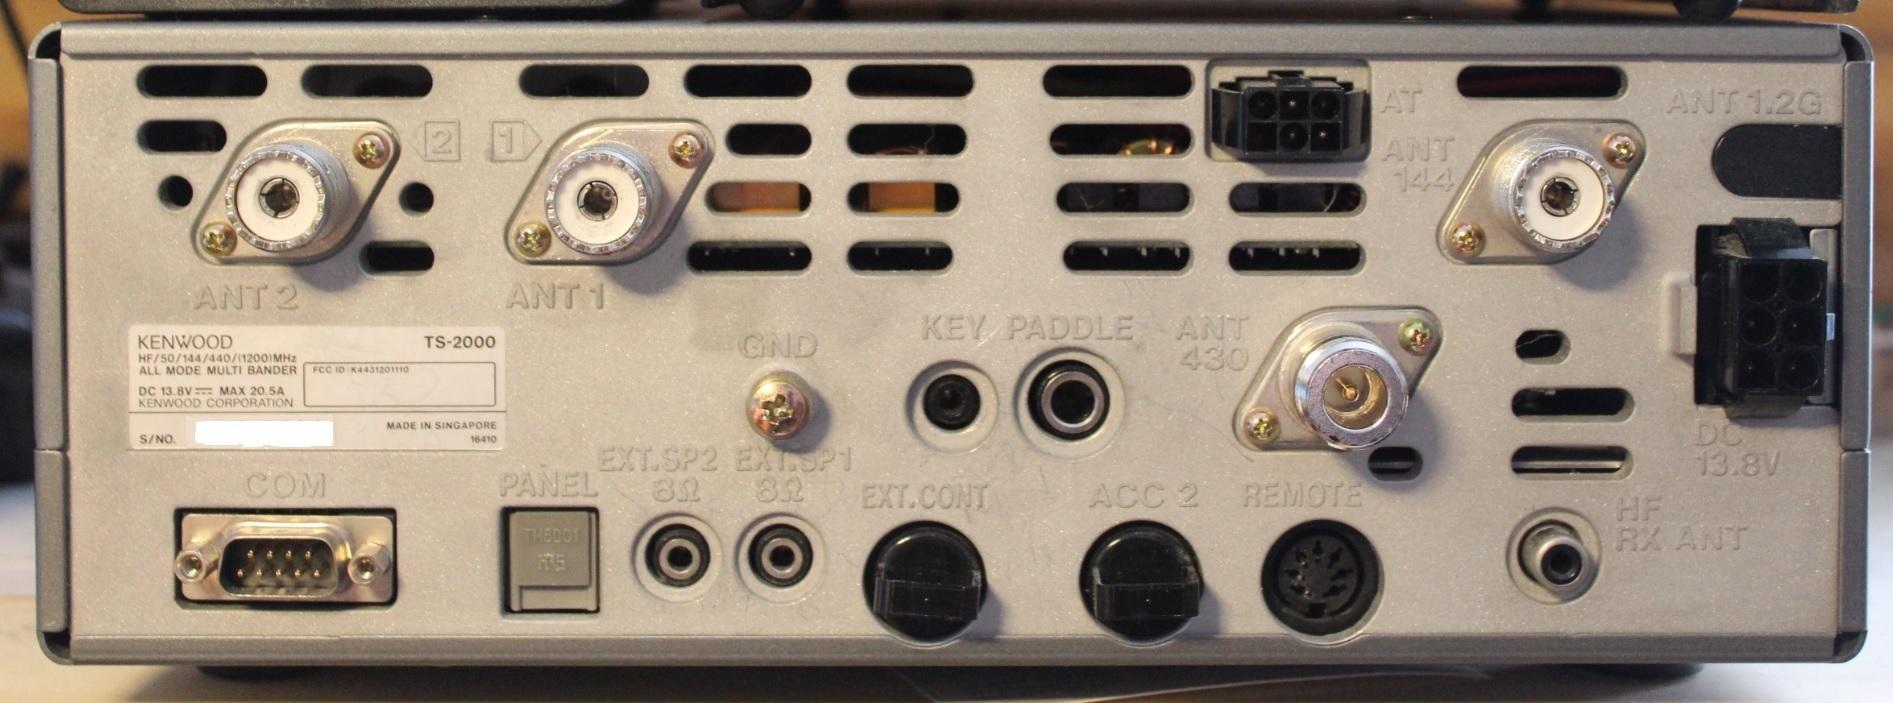 KENWOOD - TS-2000E -HF/50/VHF/UHF Transceiver - HardSoft